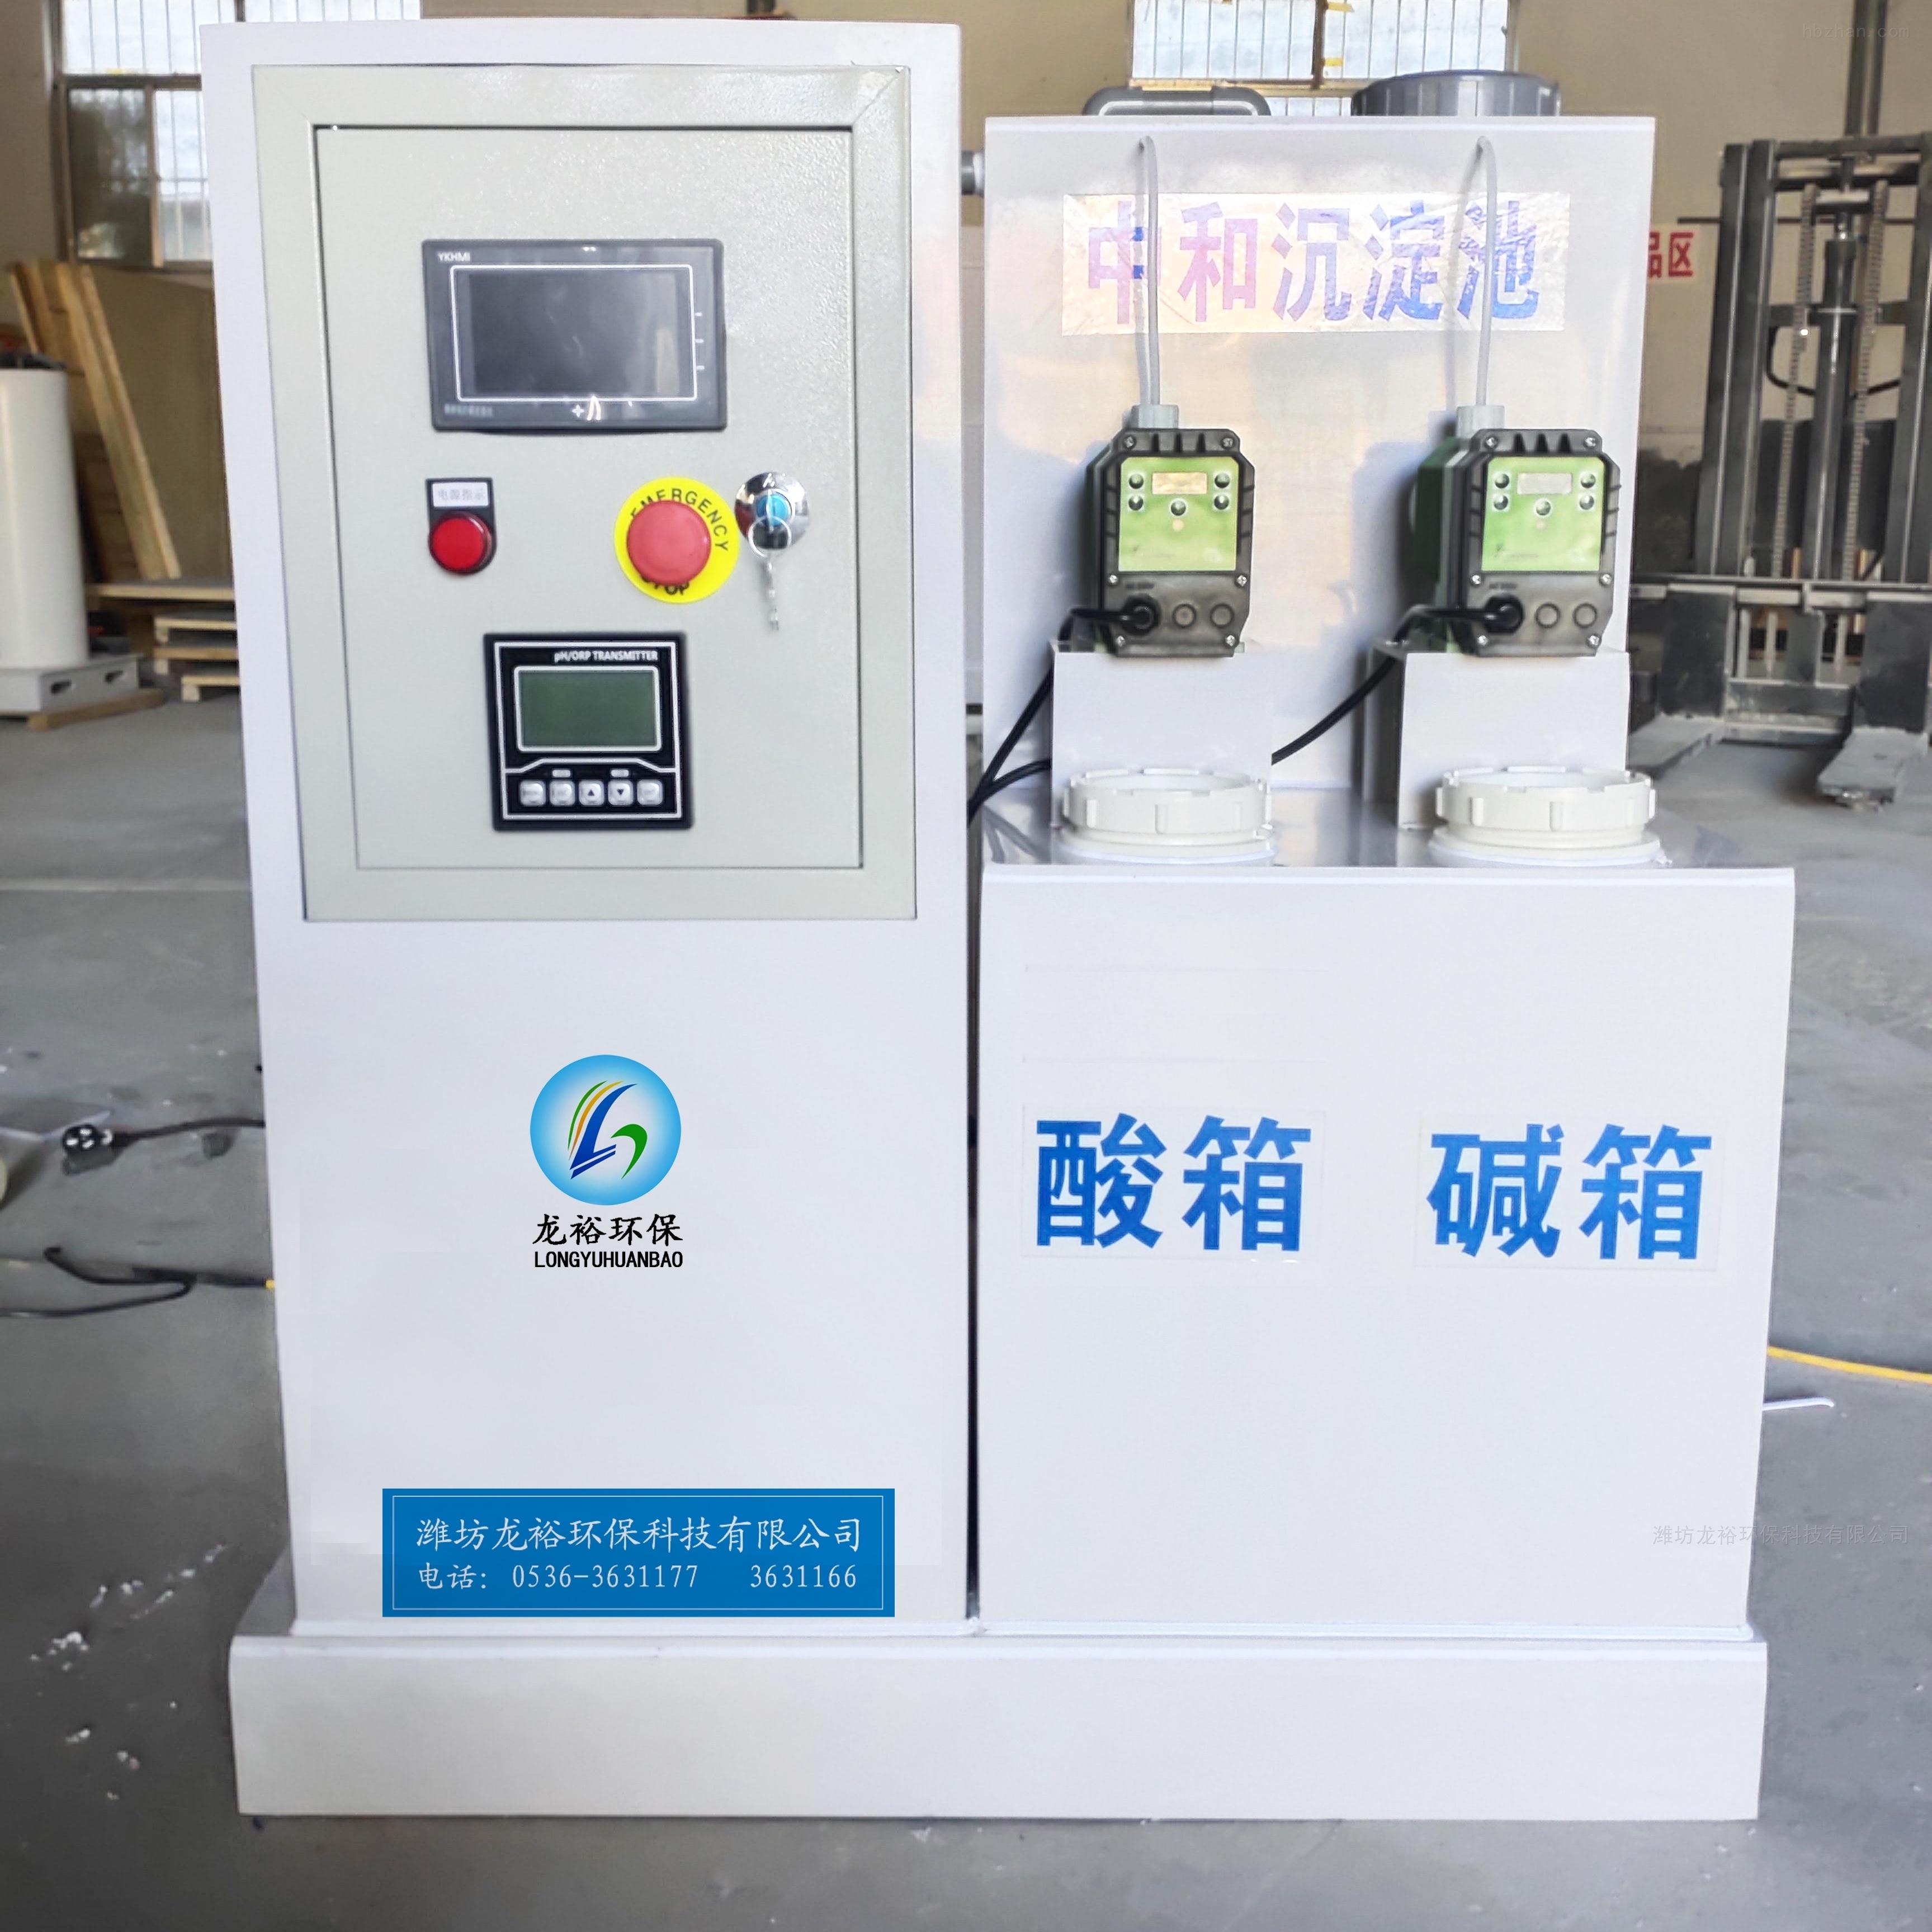 *连云港市疾控中心污水处理设备